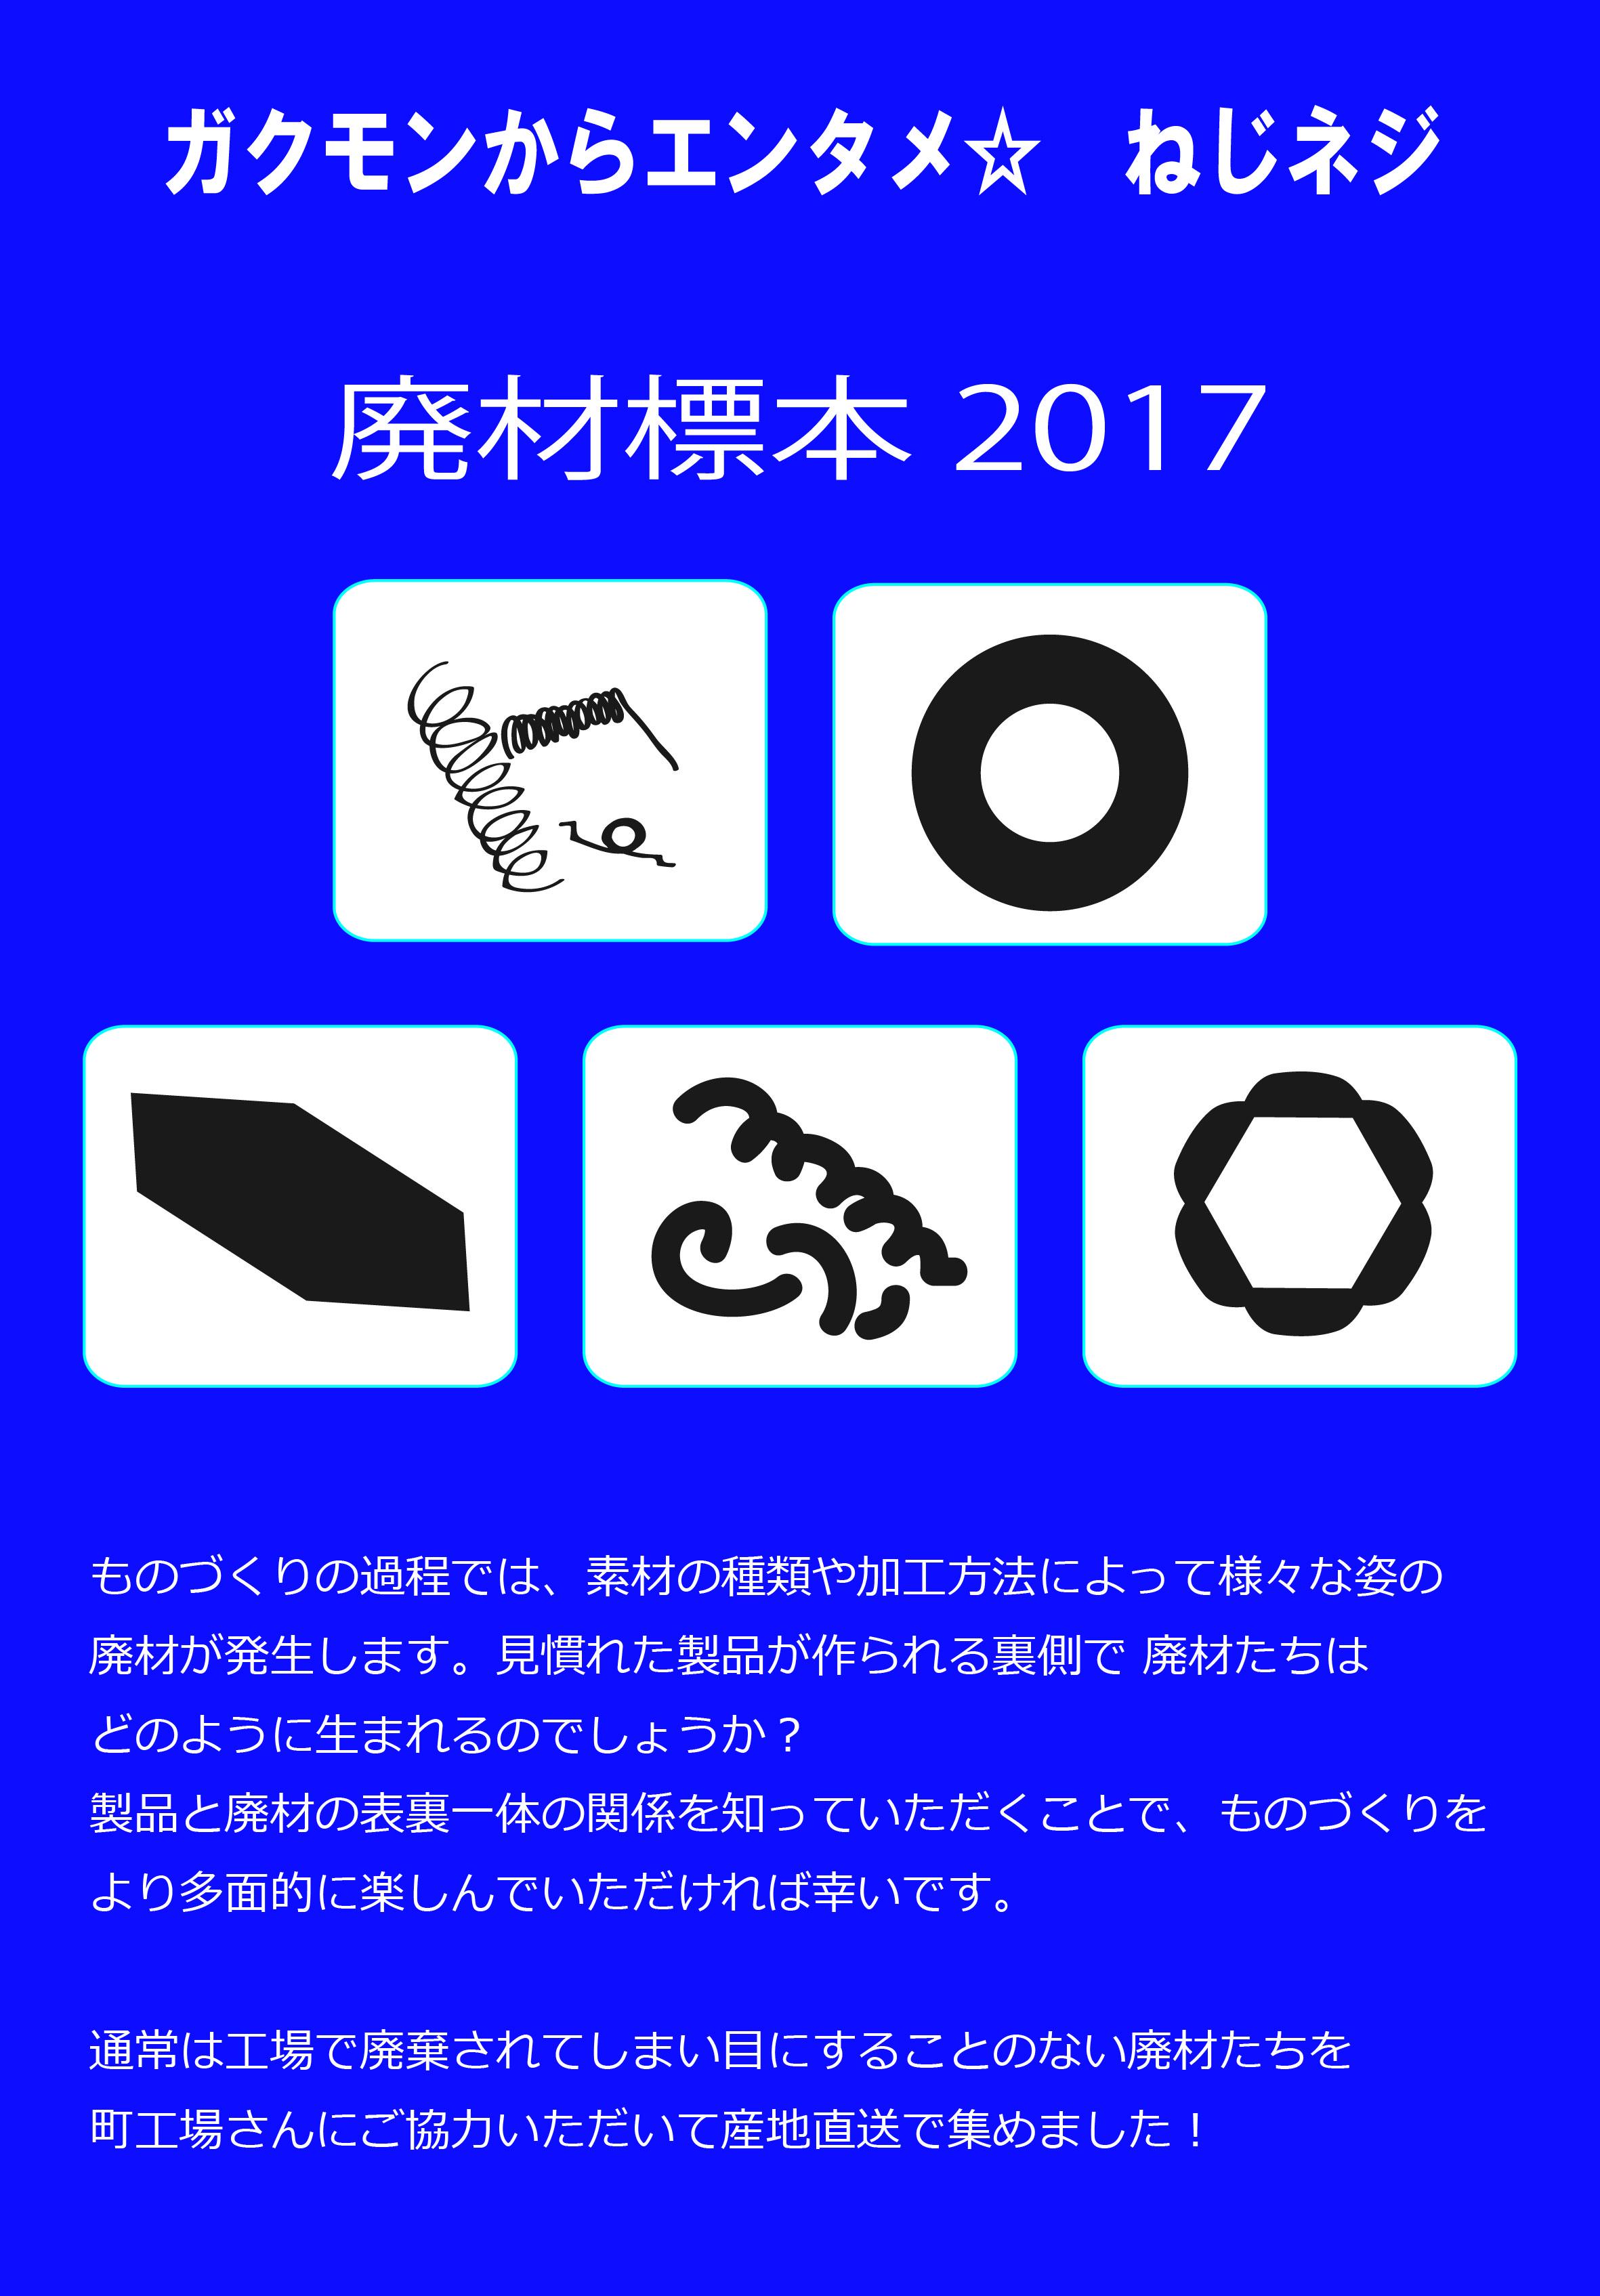 2017_ガクタメ_ねじネジ屋_01